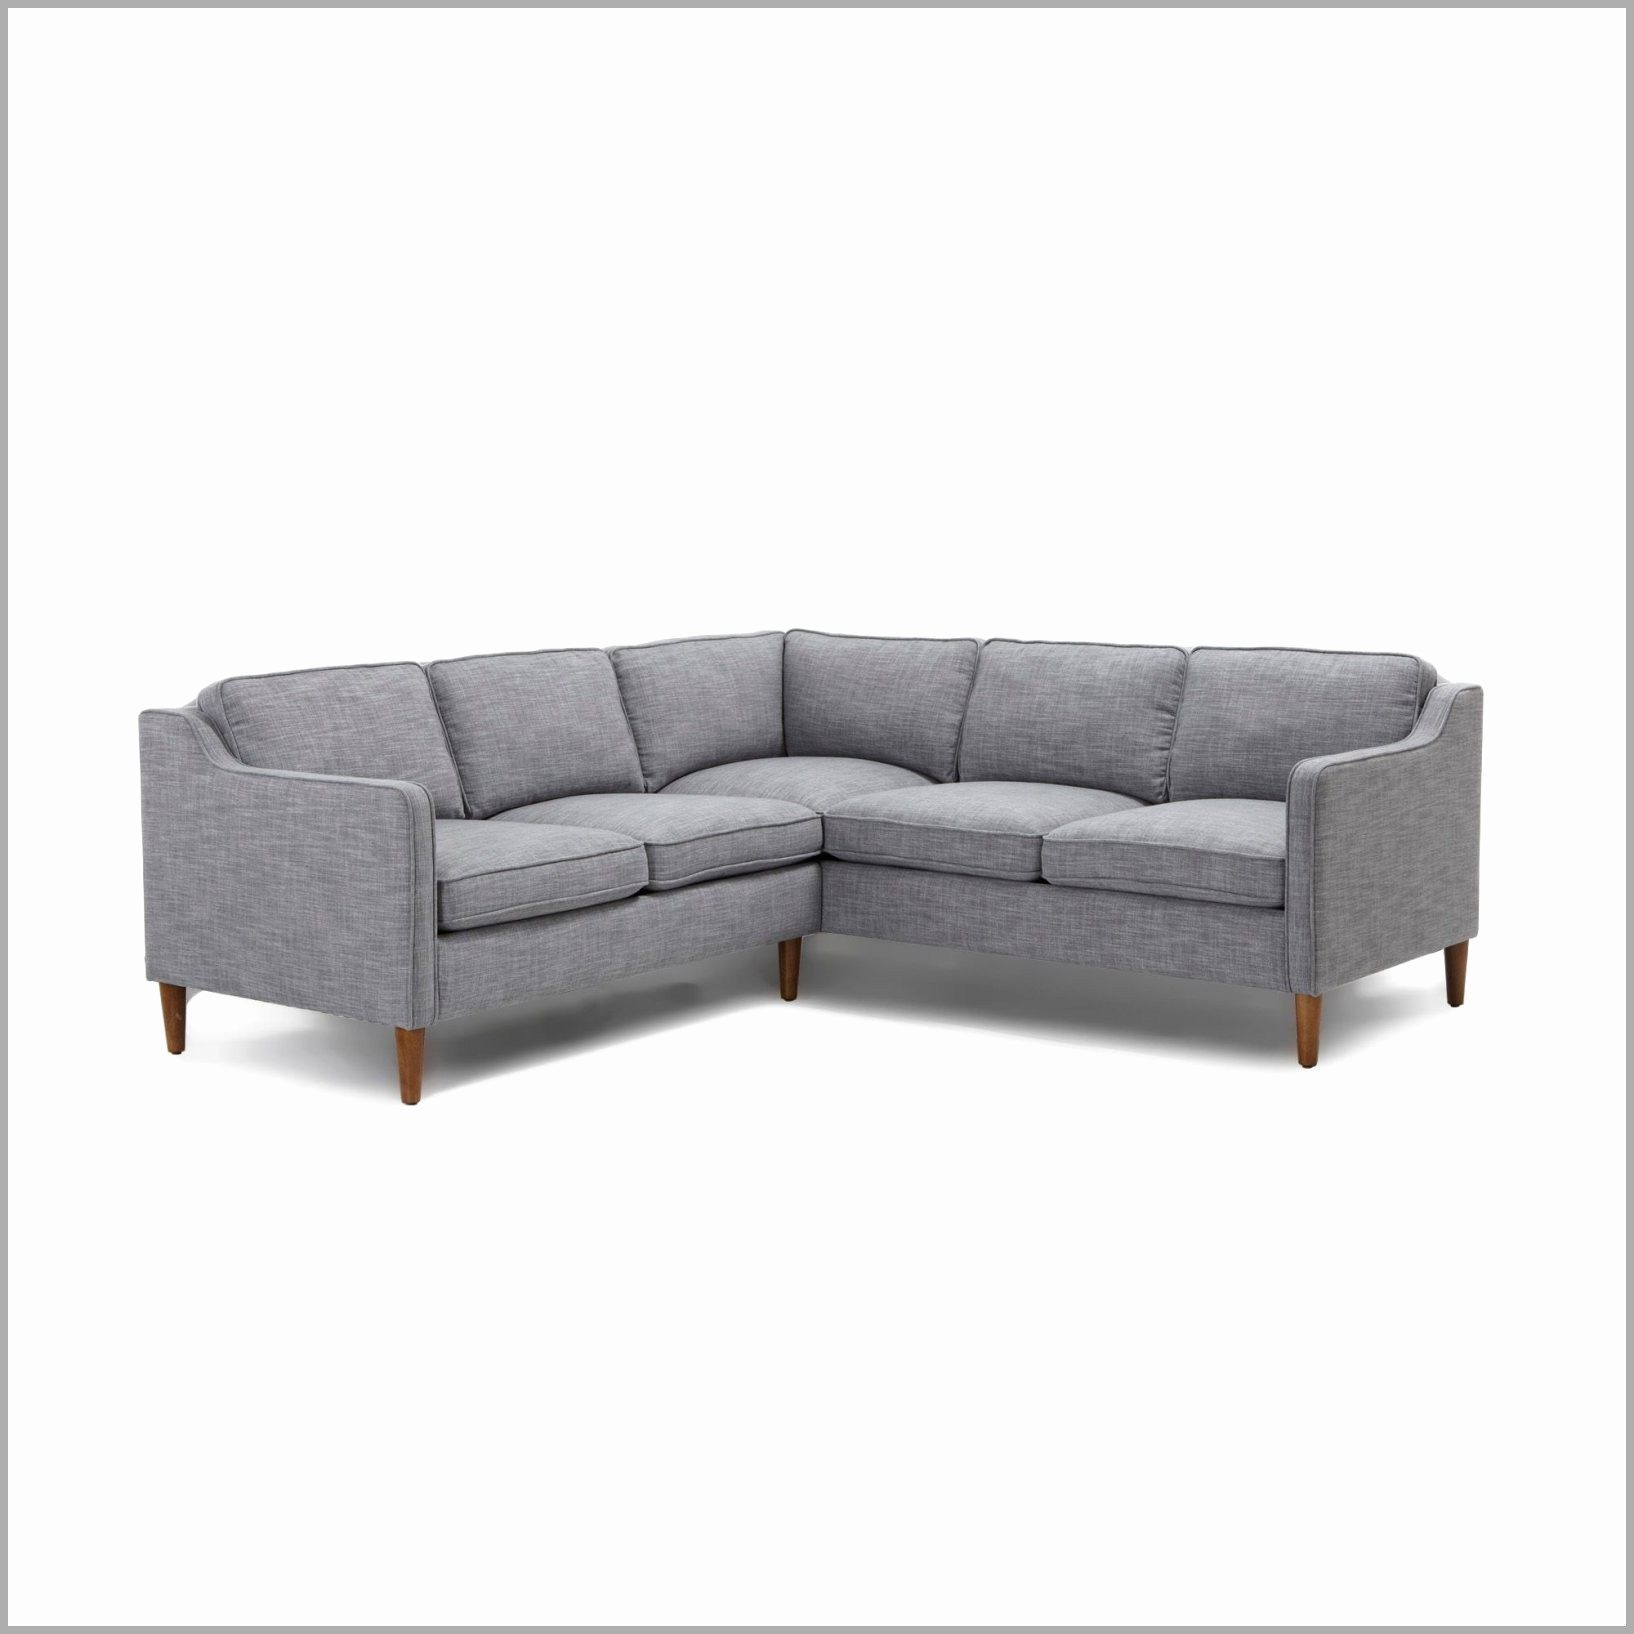 Armoire Lit Escamotable Canapé Intégré Magnifique Canapé D Angle Convertible Moderne Charmant 73 Best Canapé D Angles